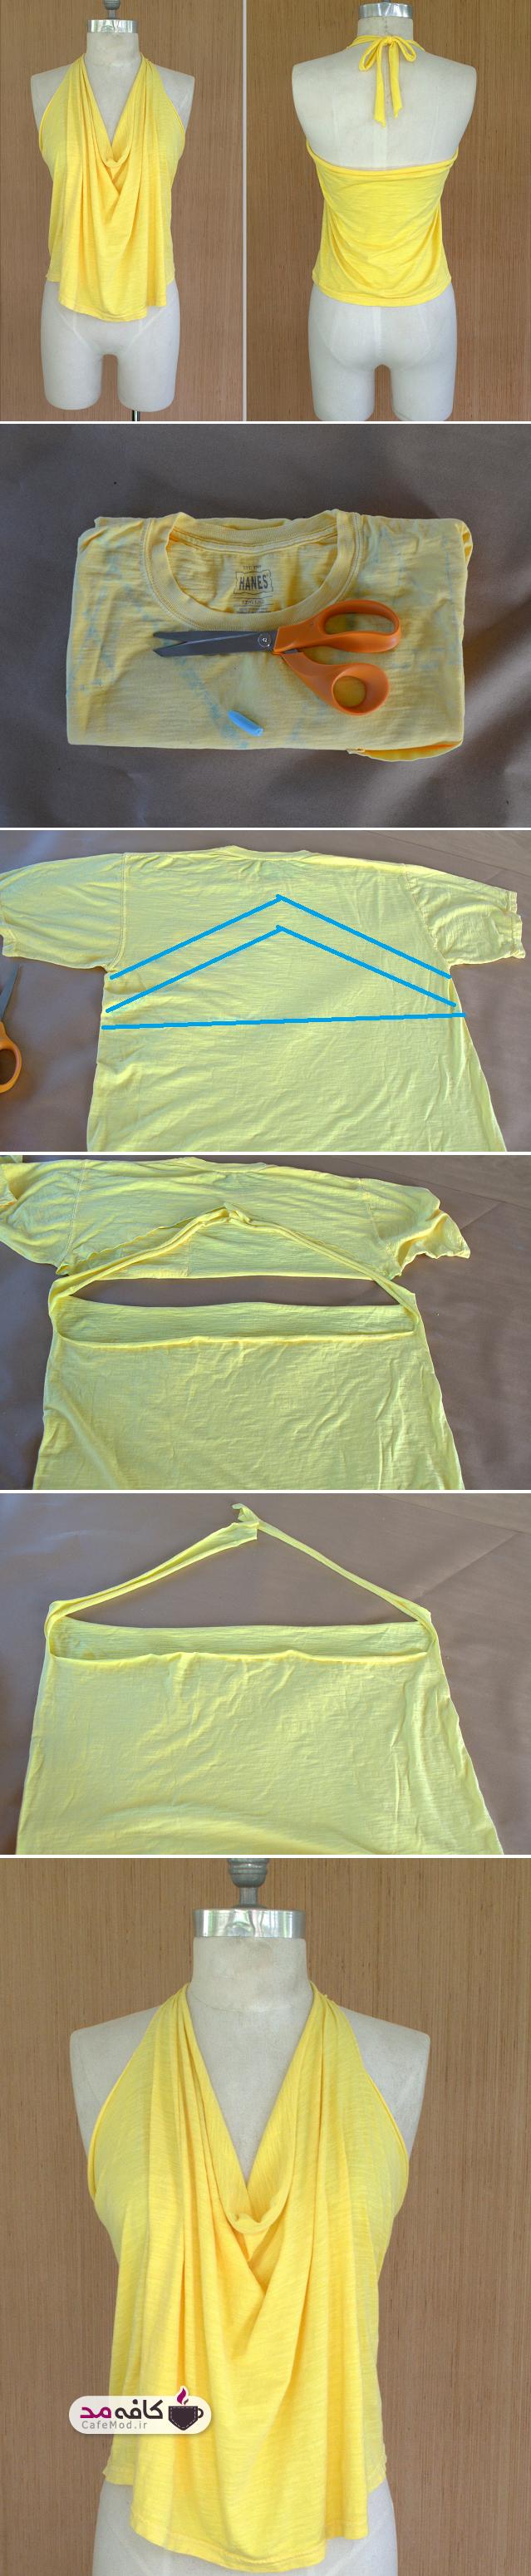 آموزش تغییر تیشرت به یقه هالتر زرد رنگ